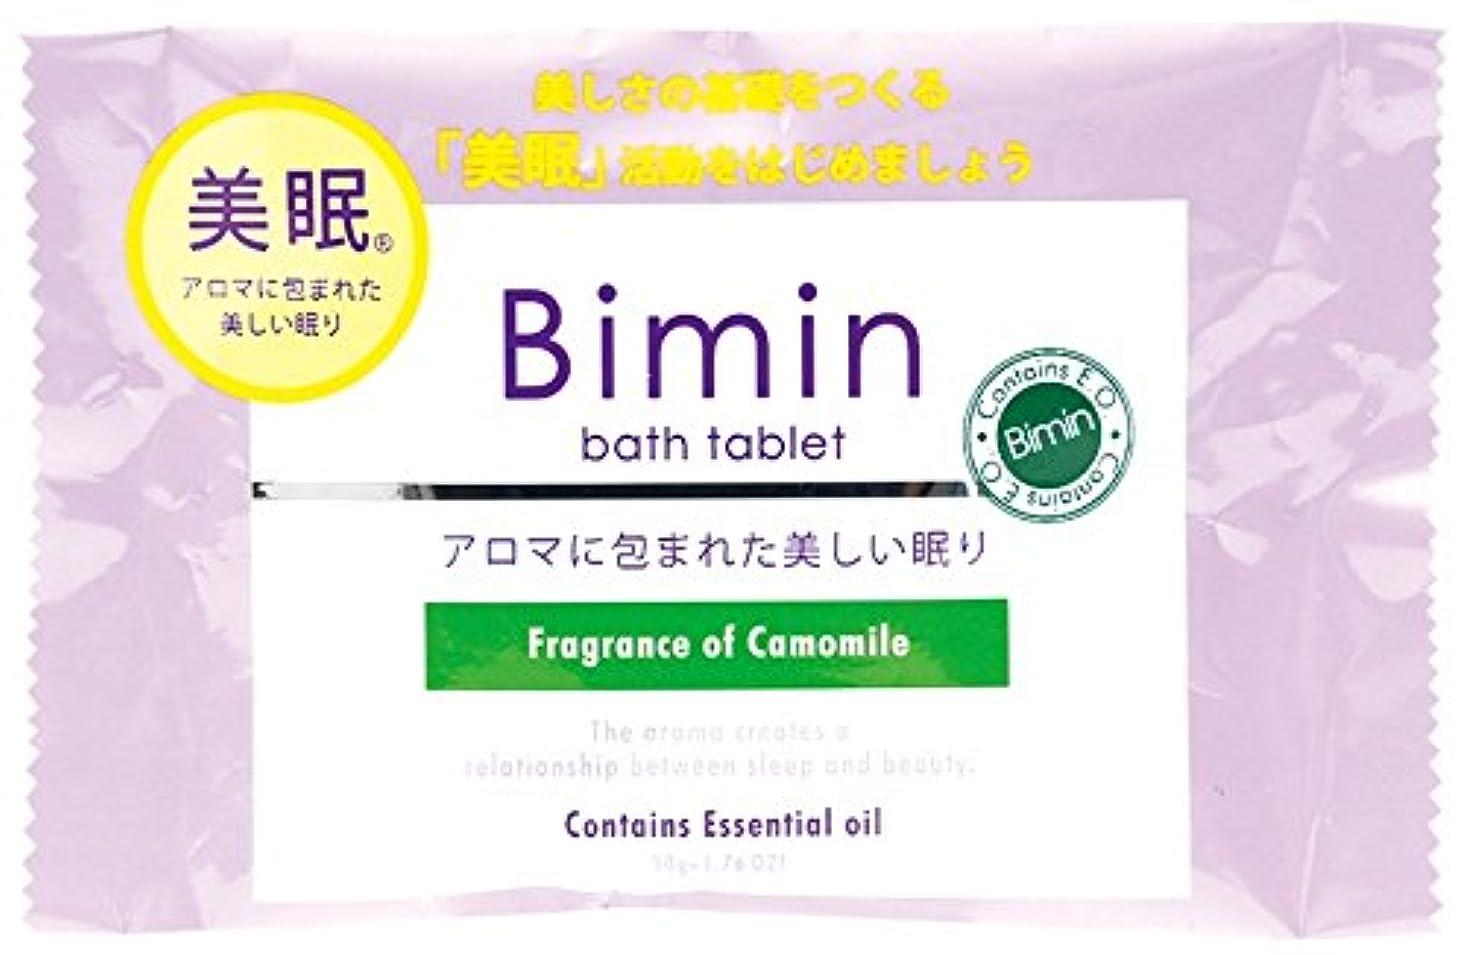 けがをする検索エンジンマーケティングシャンプーノルコーポレーション 入浴剤 美眠 アロマ バスタブレット カモミール 40g OB-BIO-2-3